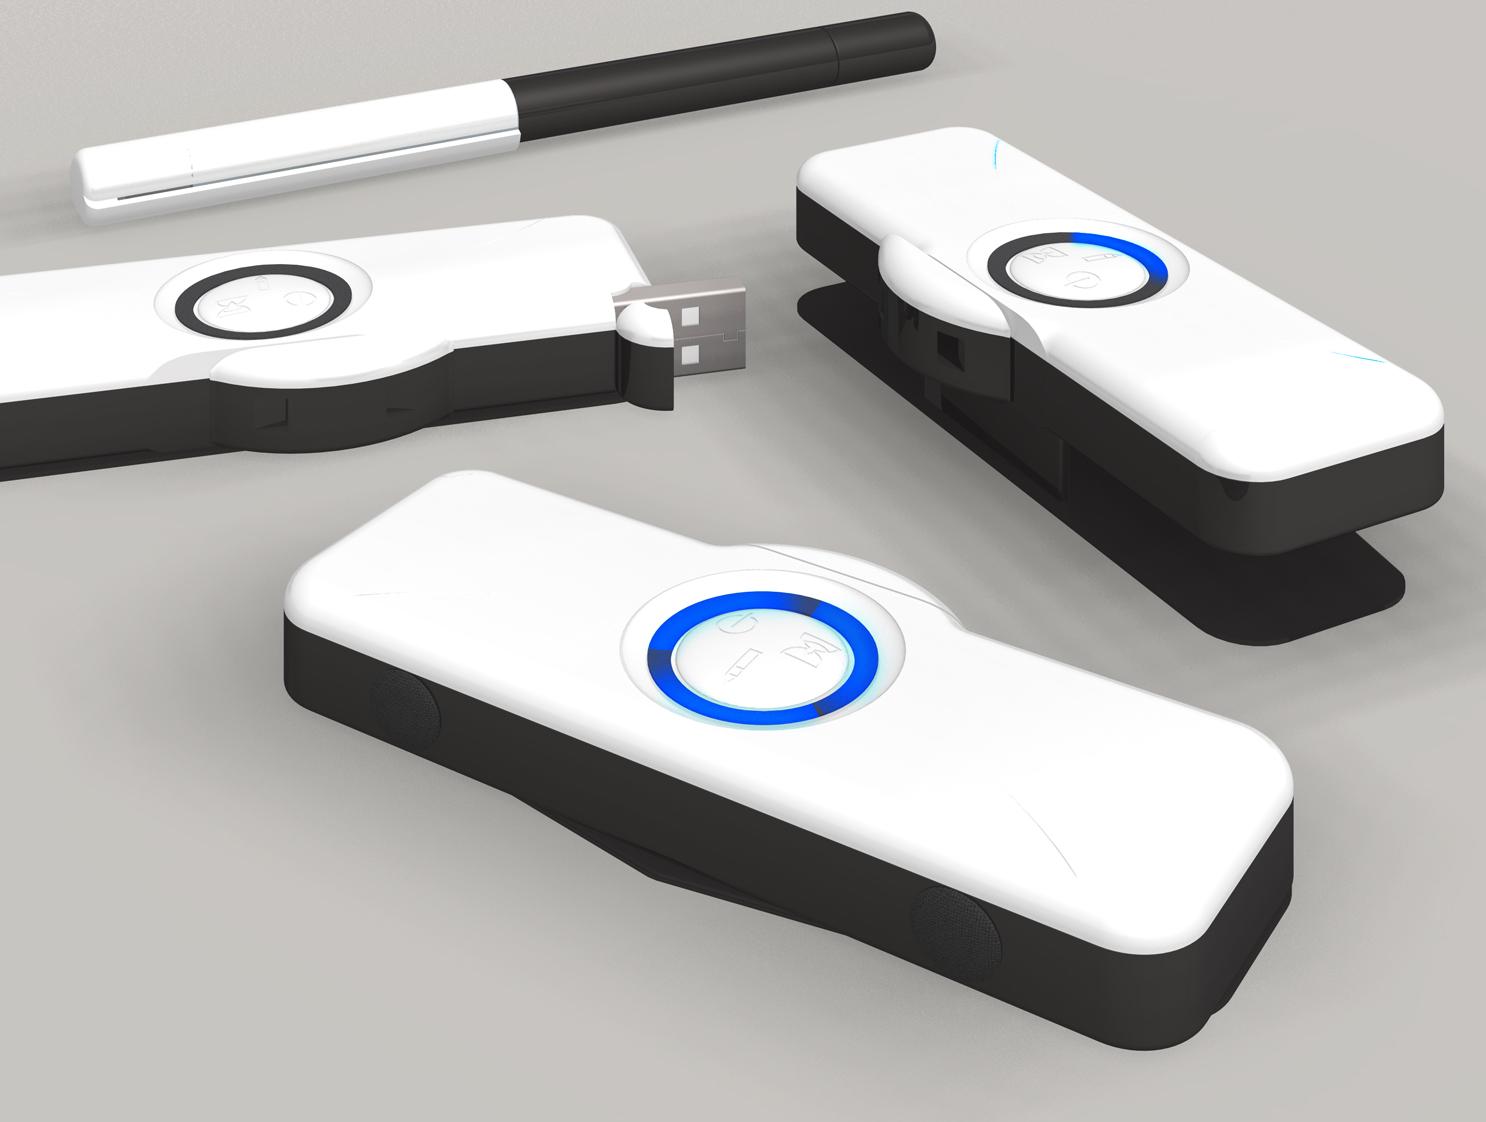 Digital pen concept.jpg